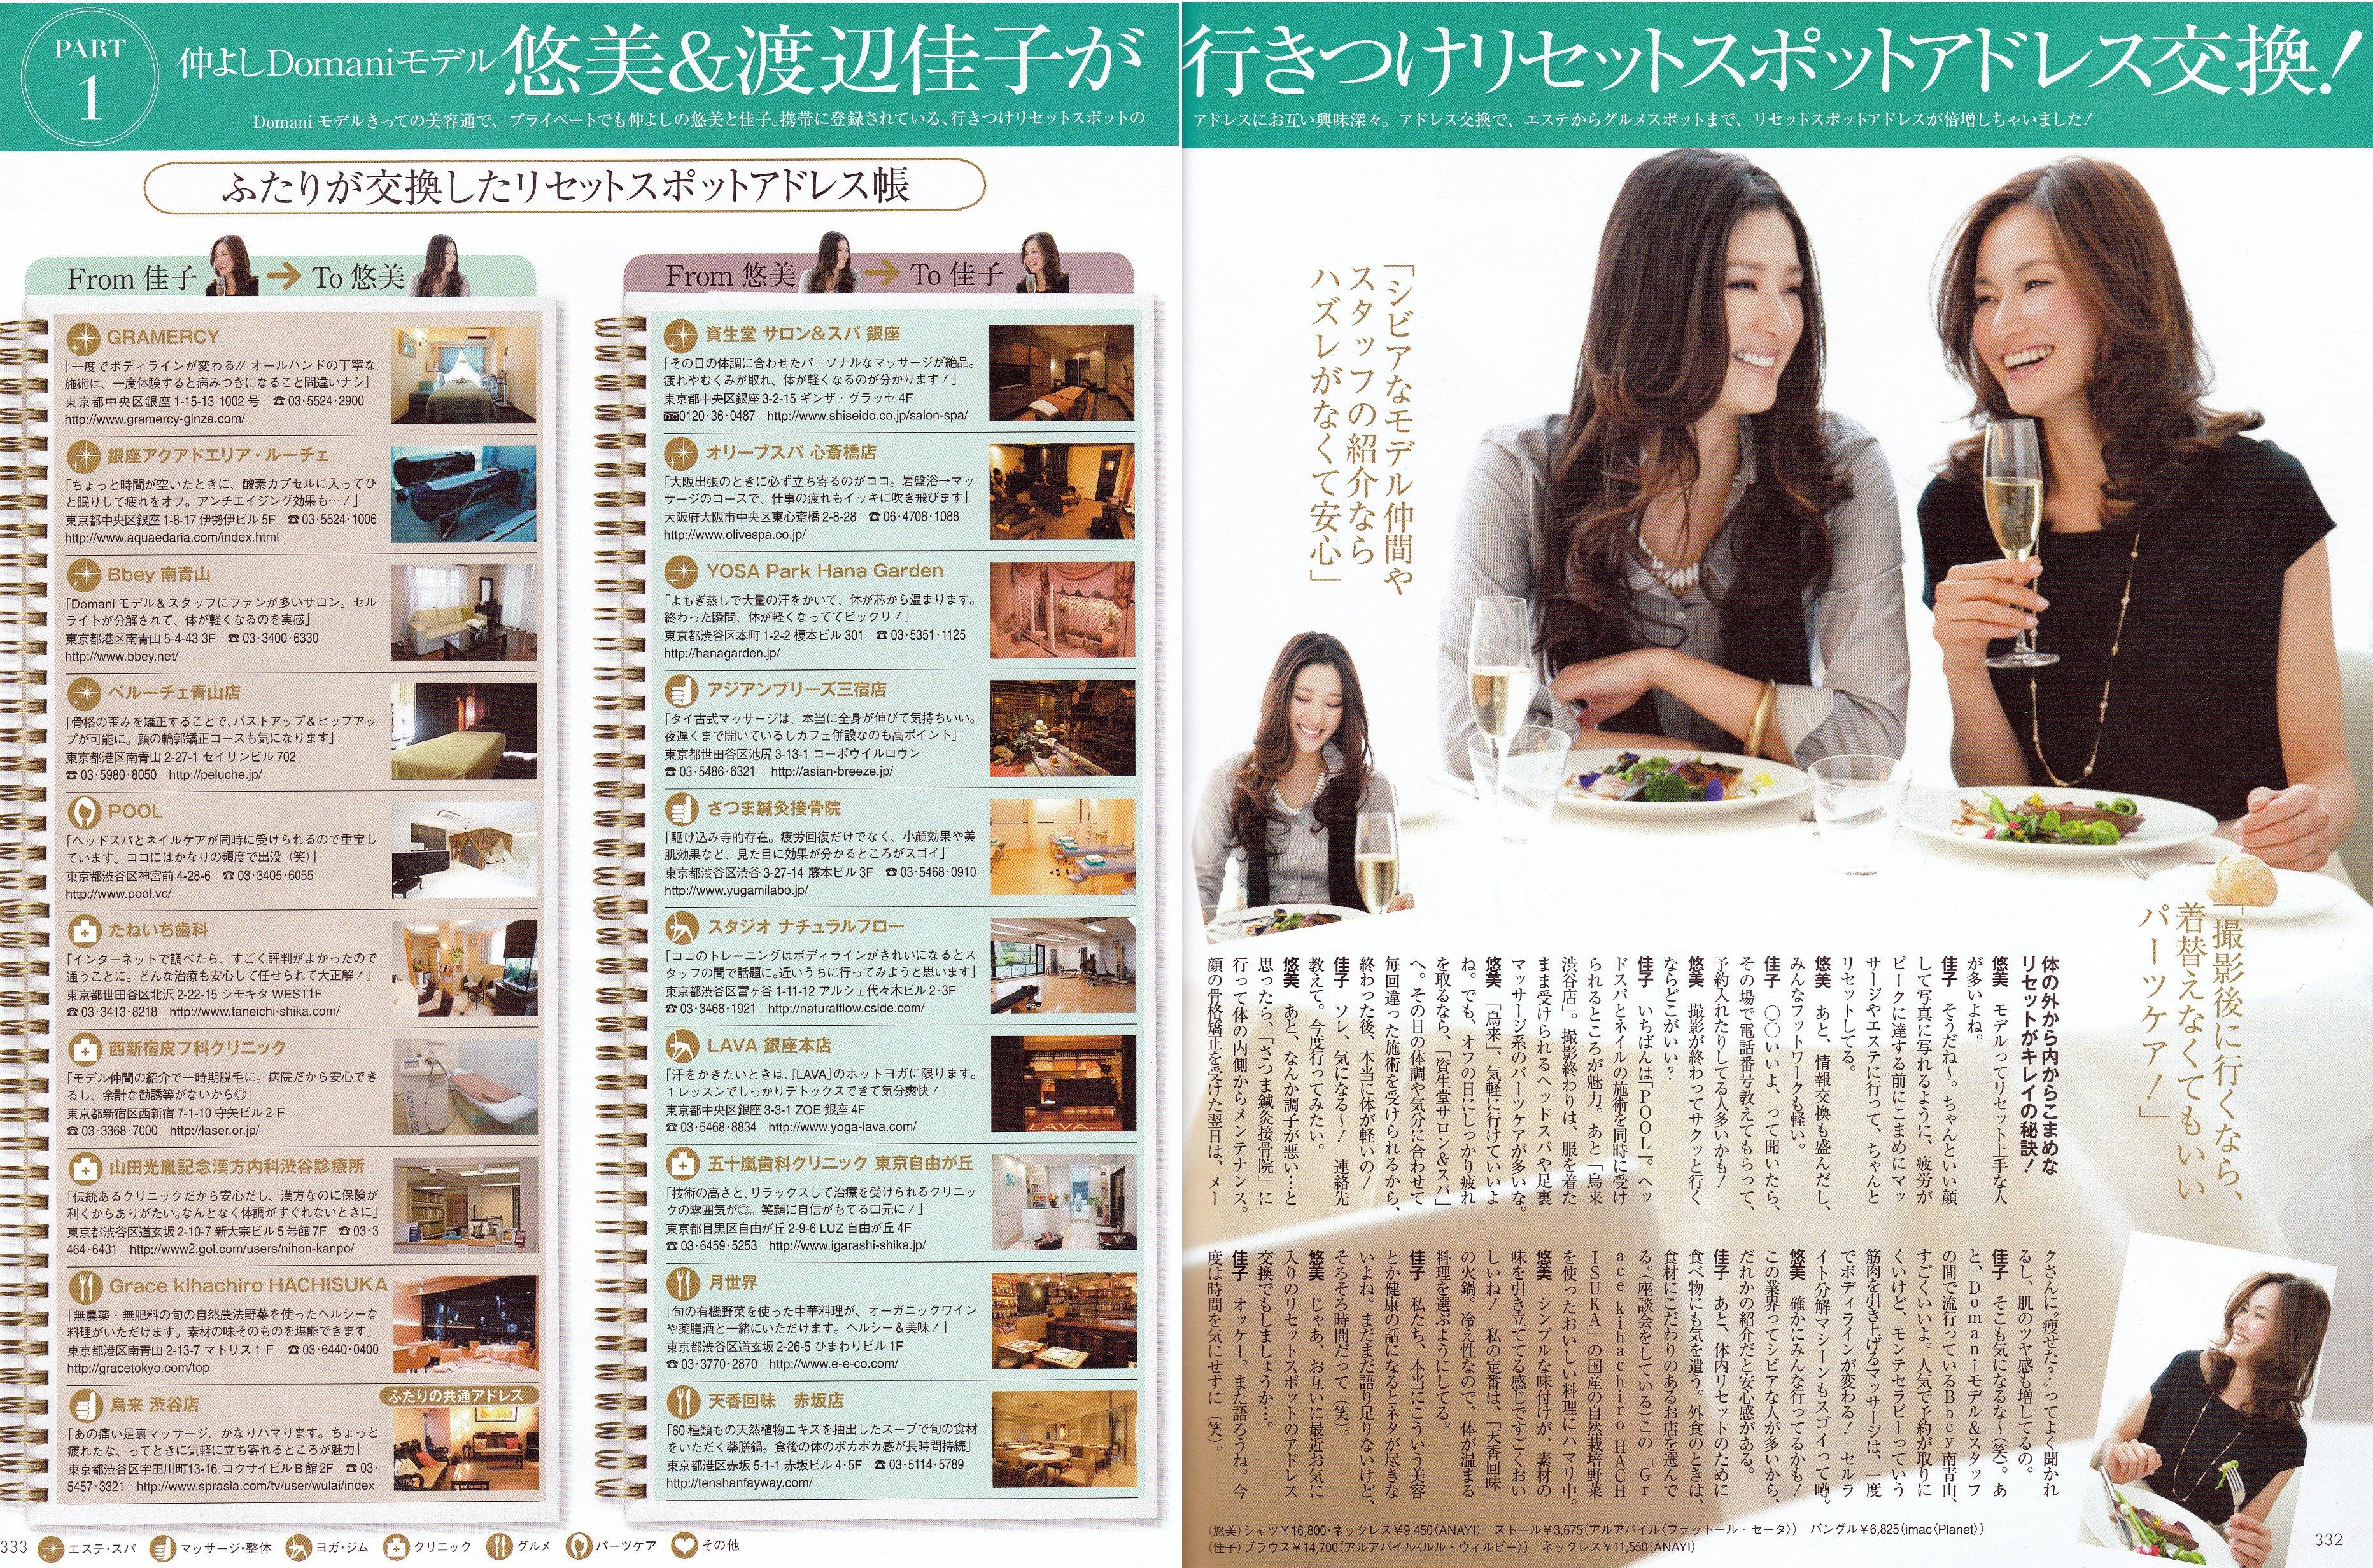 2011年3月1日発売 小学館『Domani』2011年4月号にさつま矯正クリニックが掲載されました!!